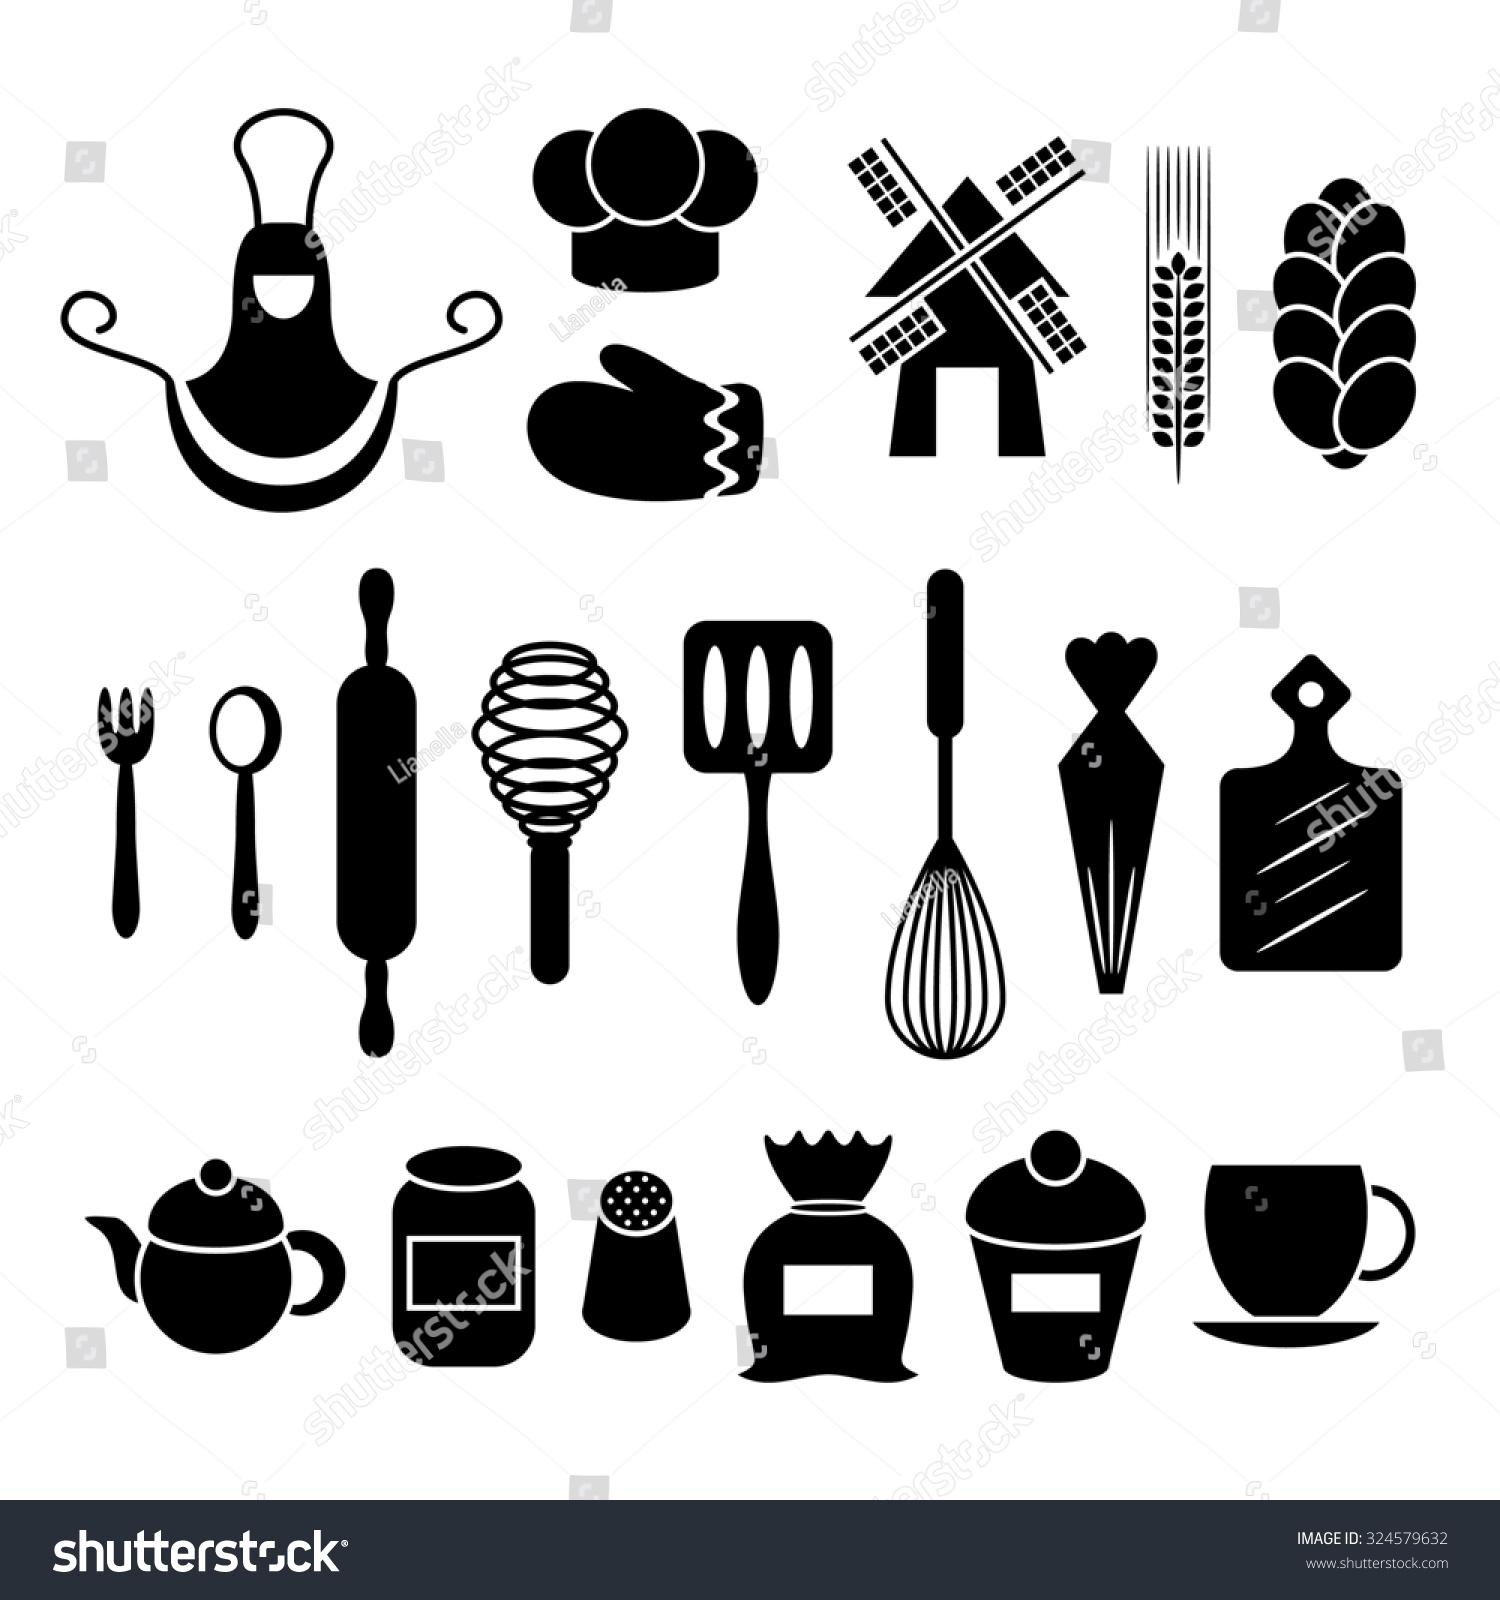 White tea apron - Baking Kitchen Tools Silhouettes Set Apron Gauntlet Spoon Flour Rolling